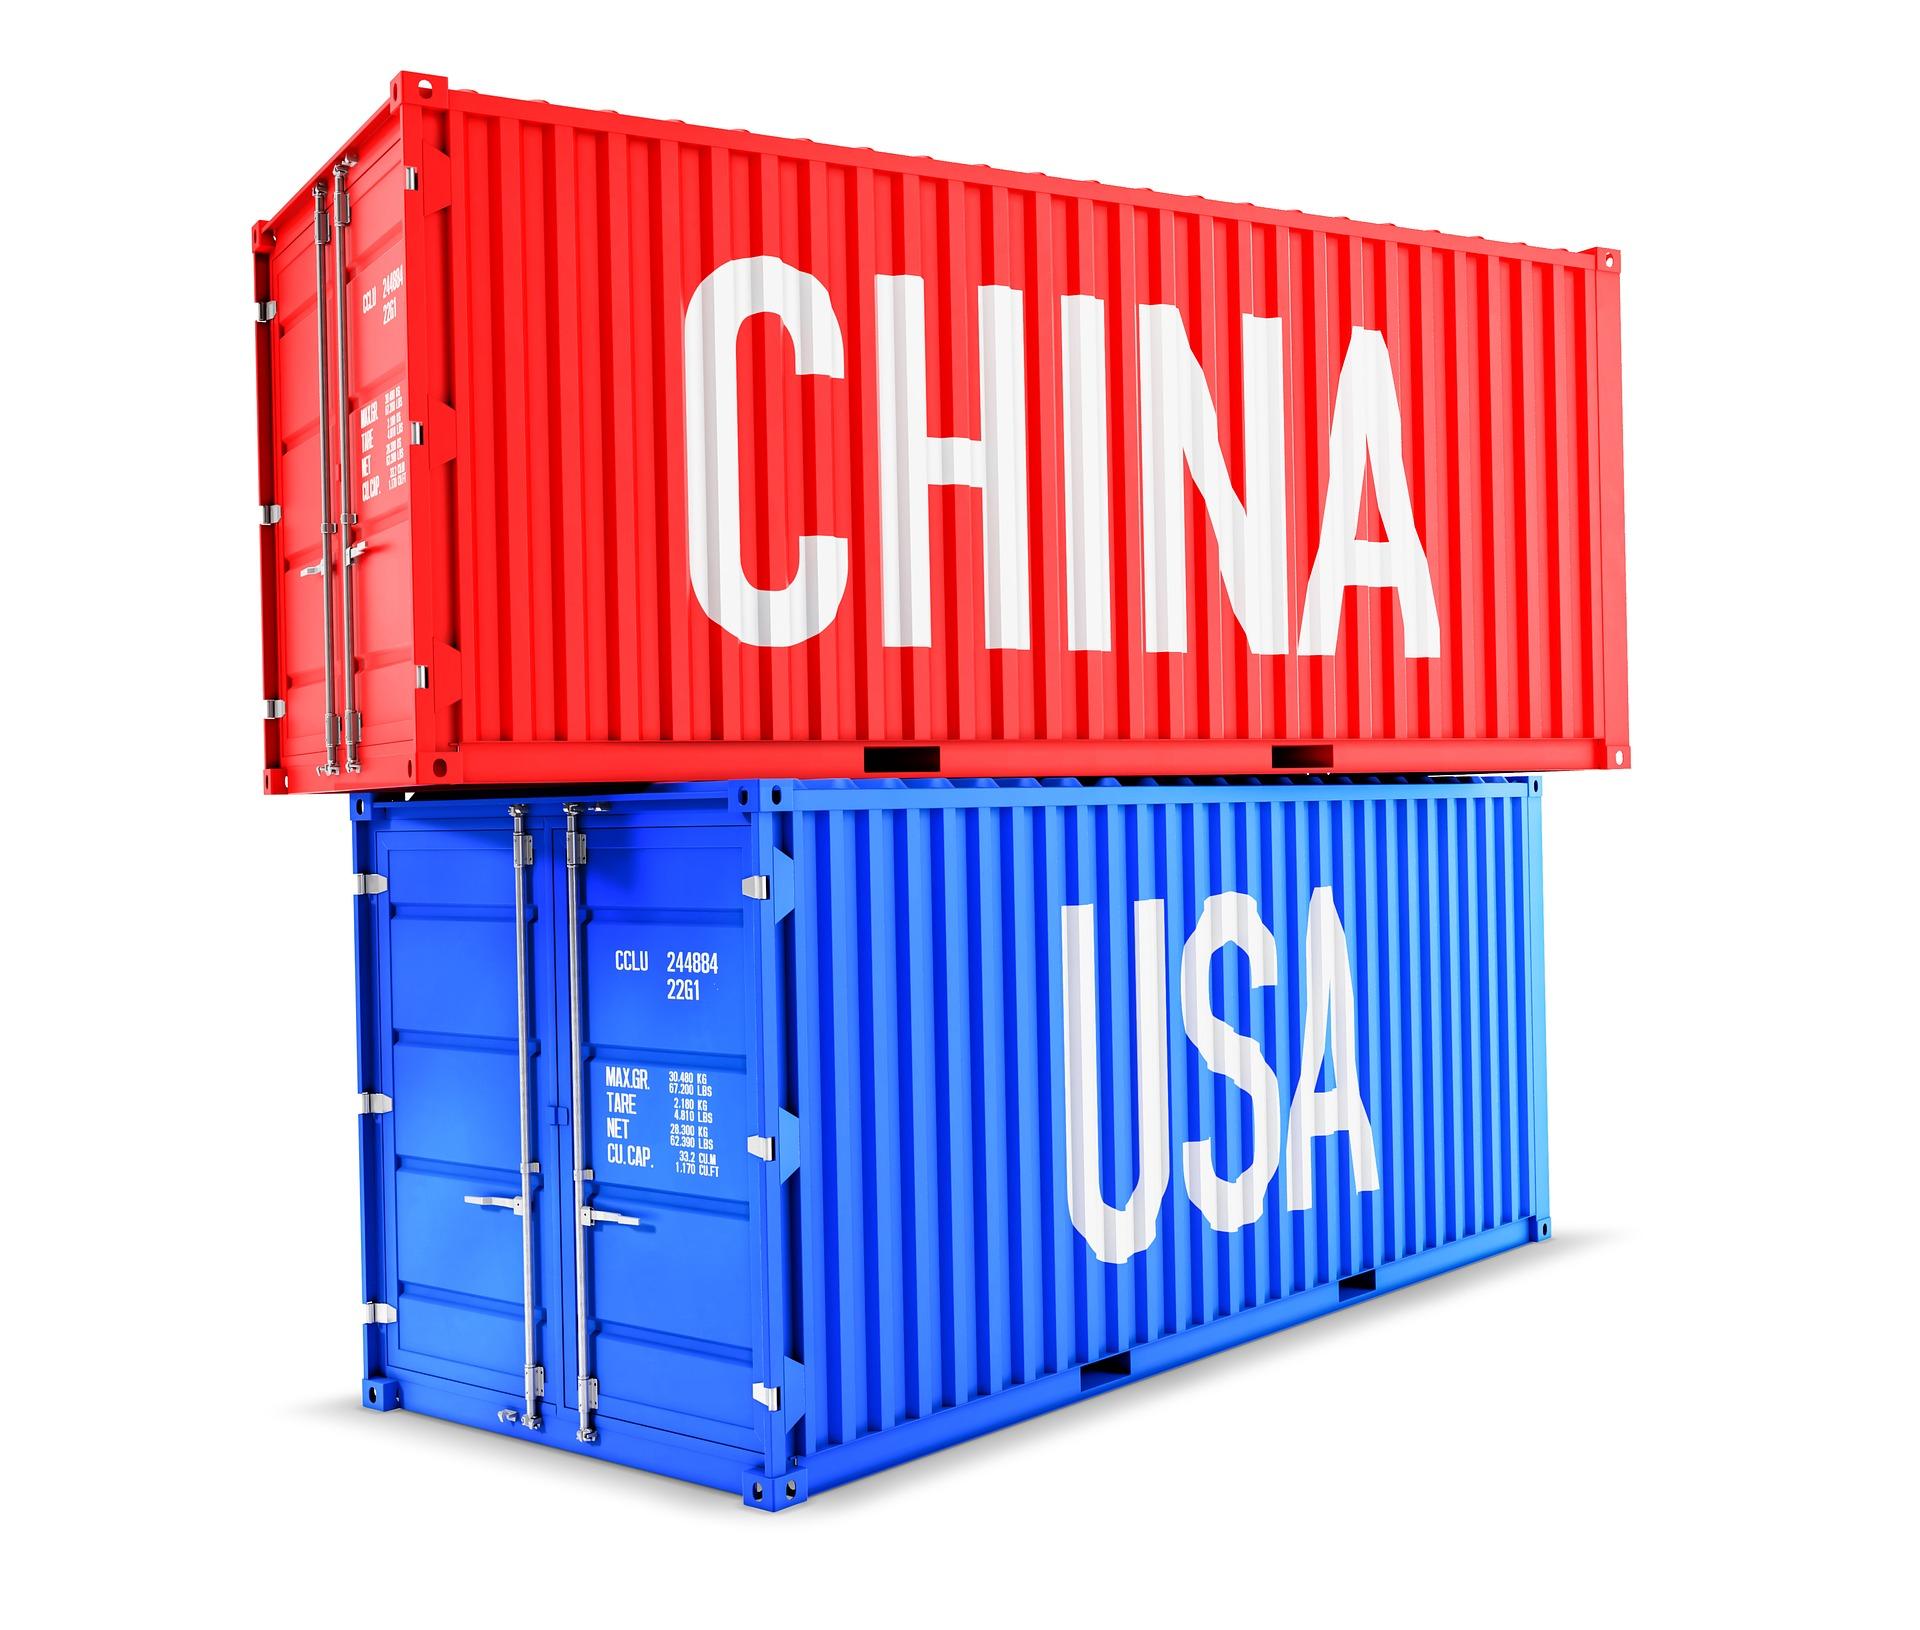 La guerre commerciale entre les États-Unis et la Chine s'intensifie à nouveau